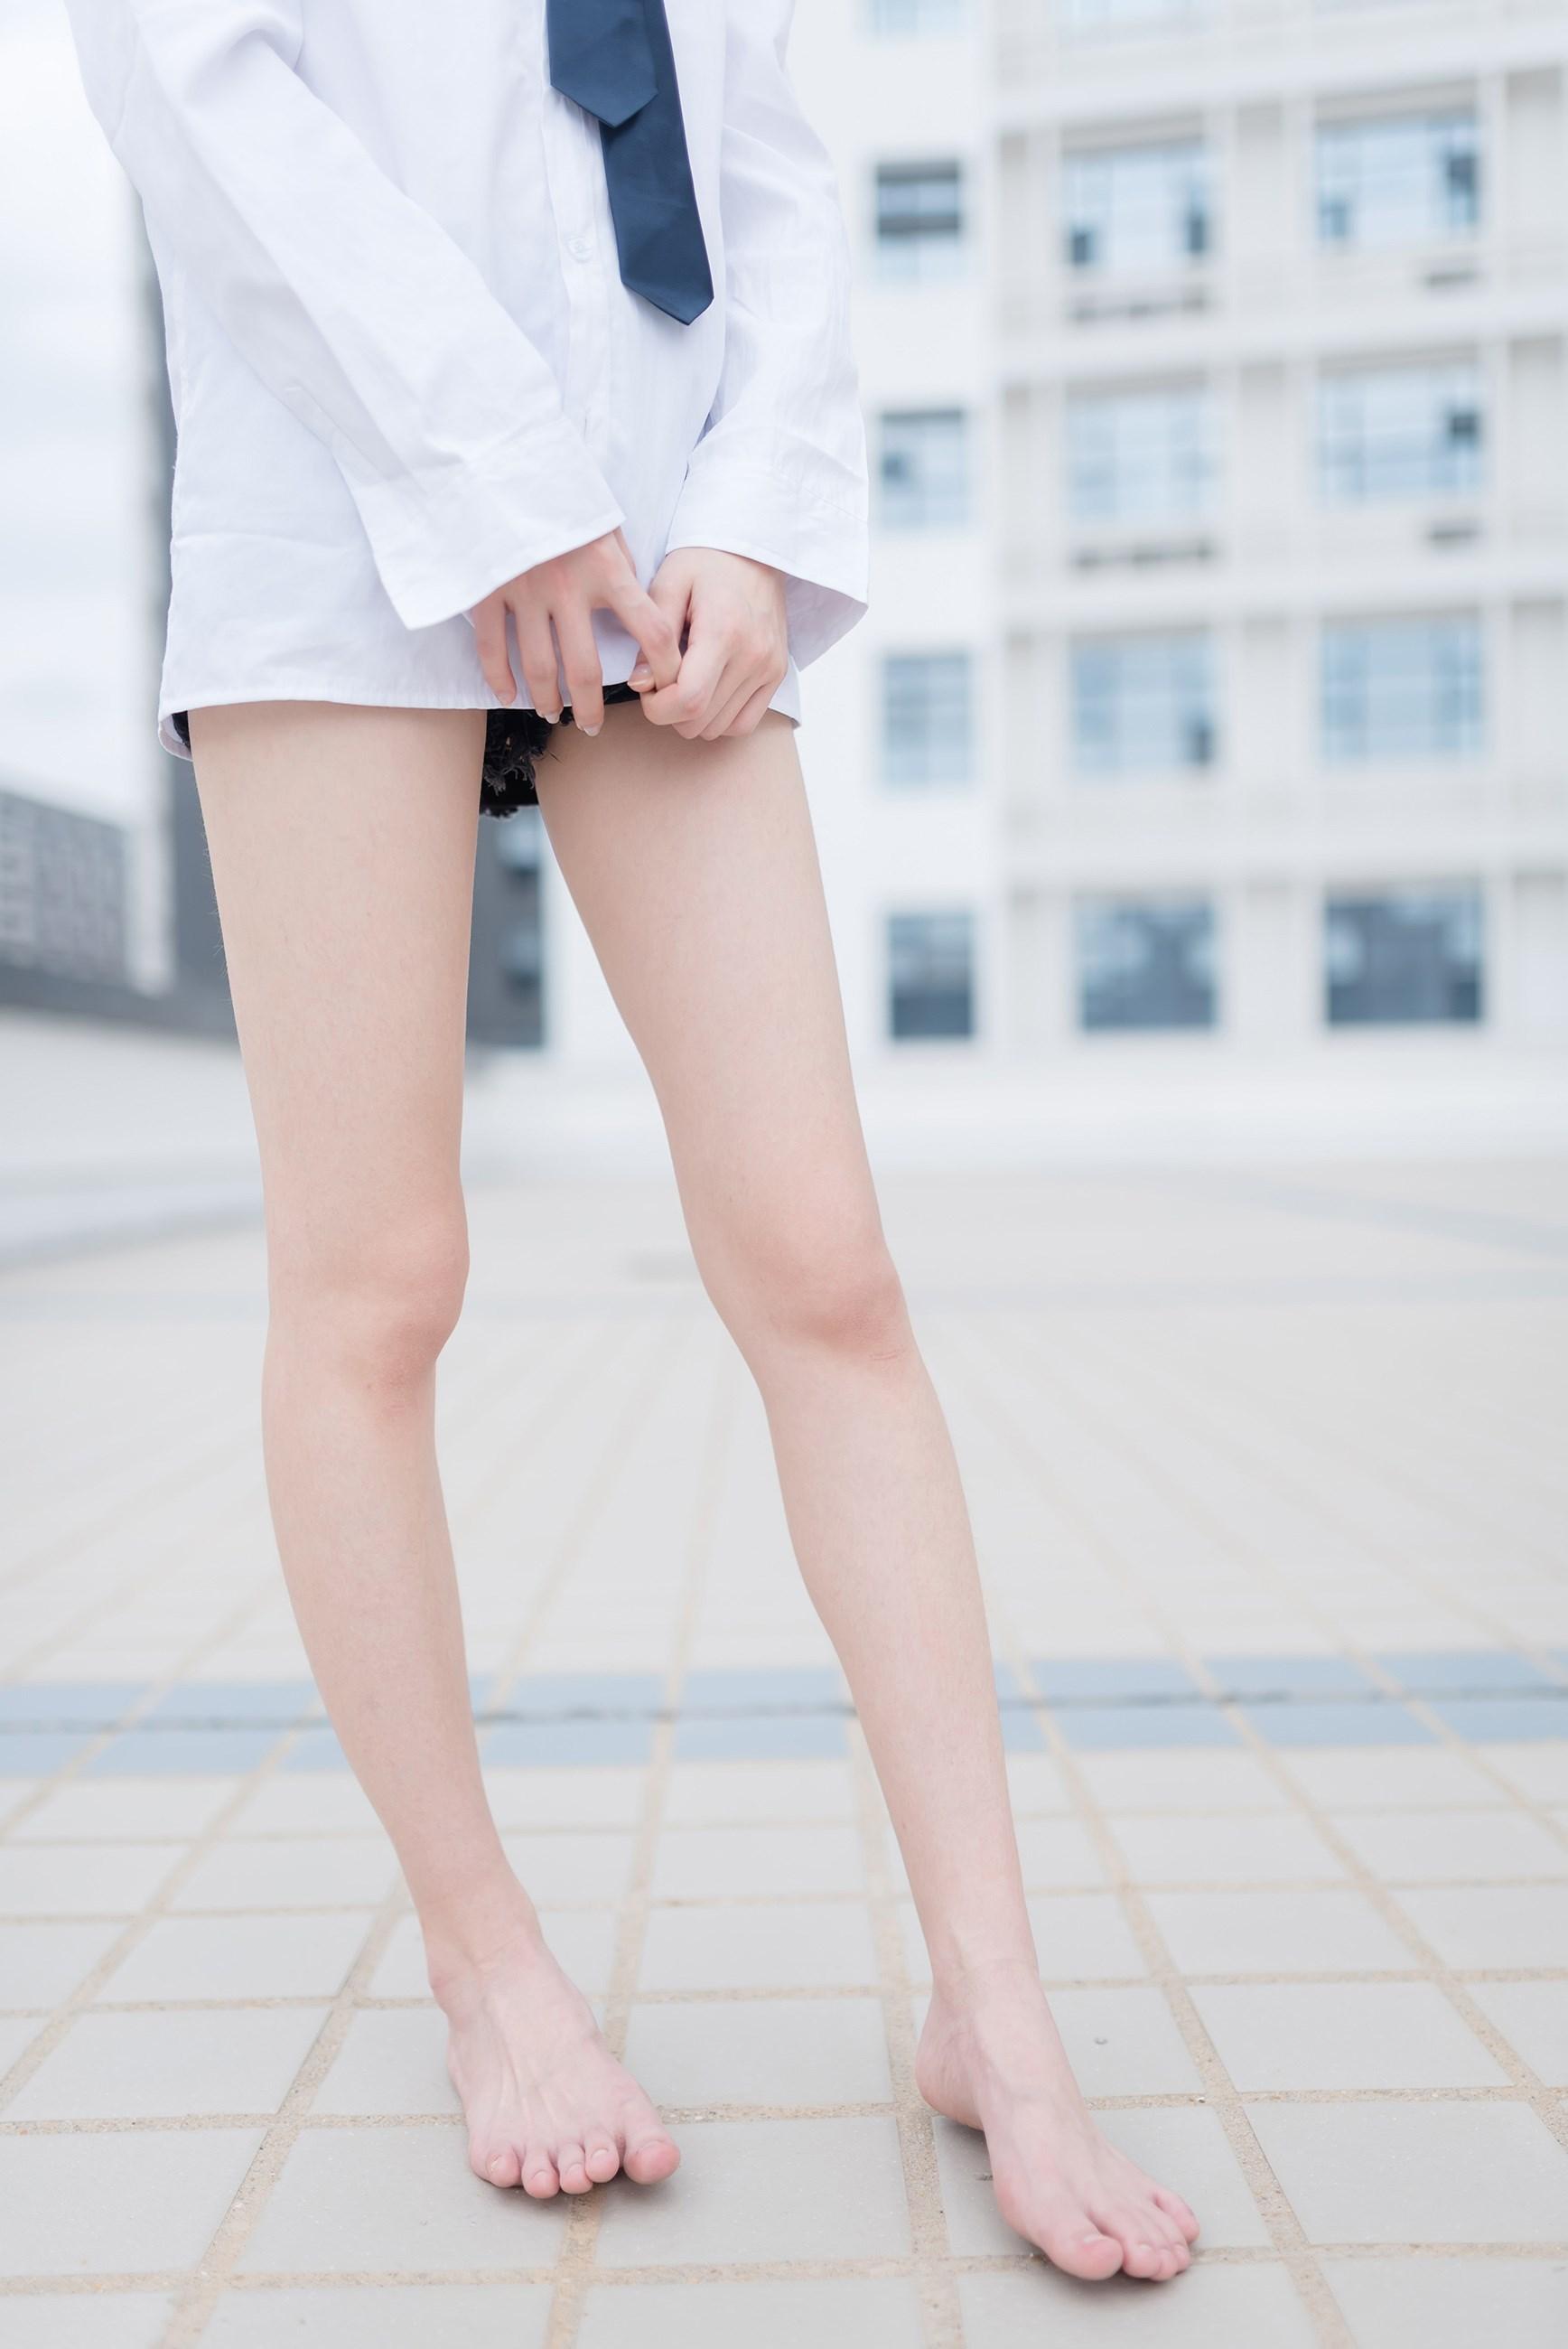 【兔玩映画】裸脚白衬衫 · 足控福利 兔玩映画 第20张